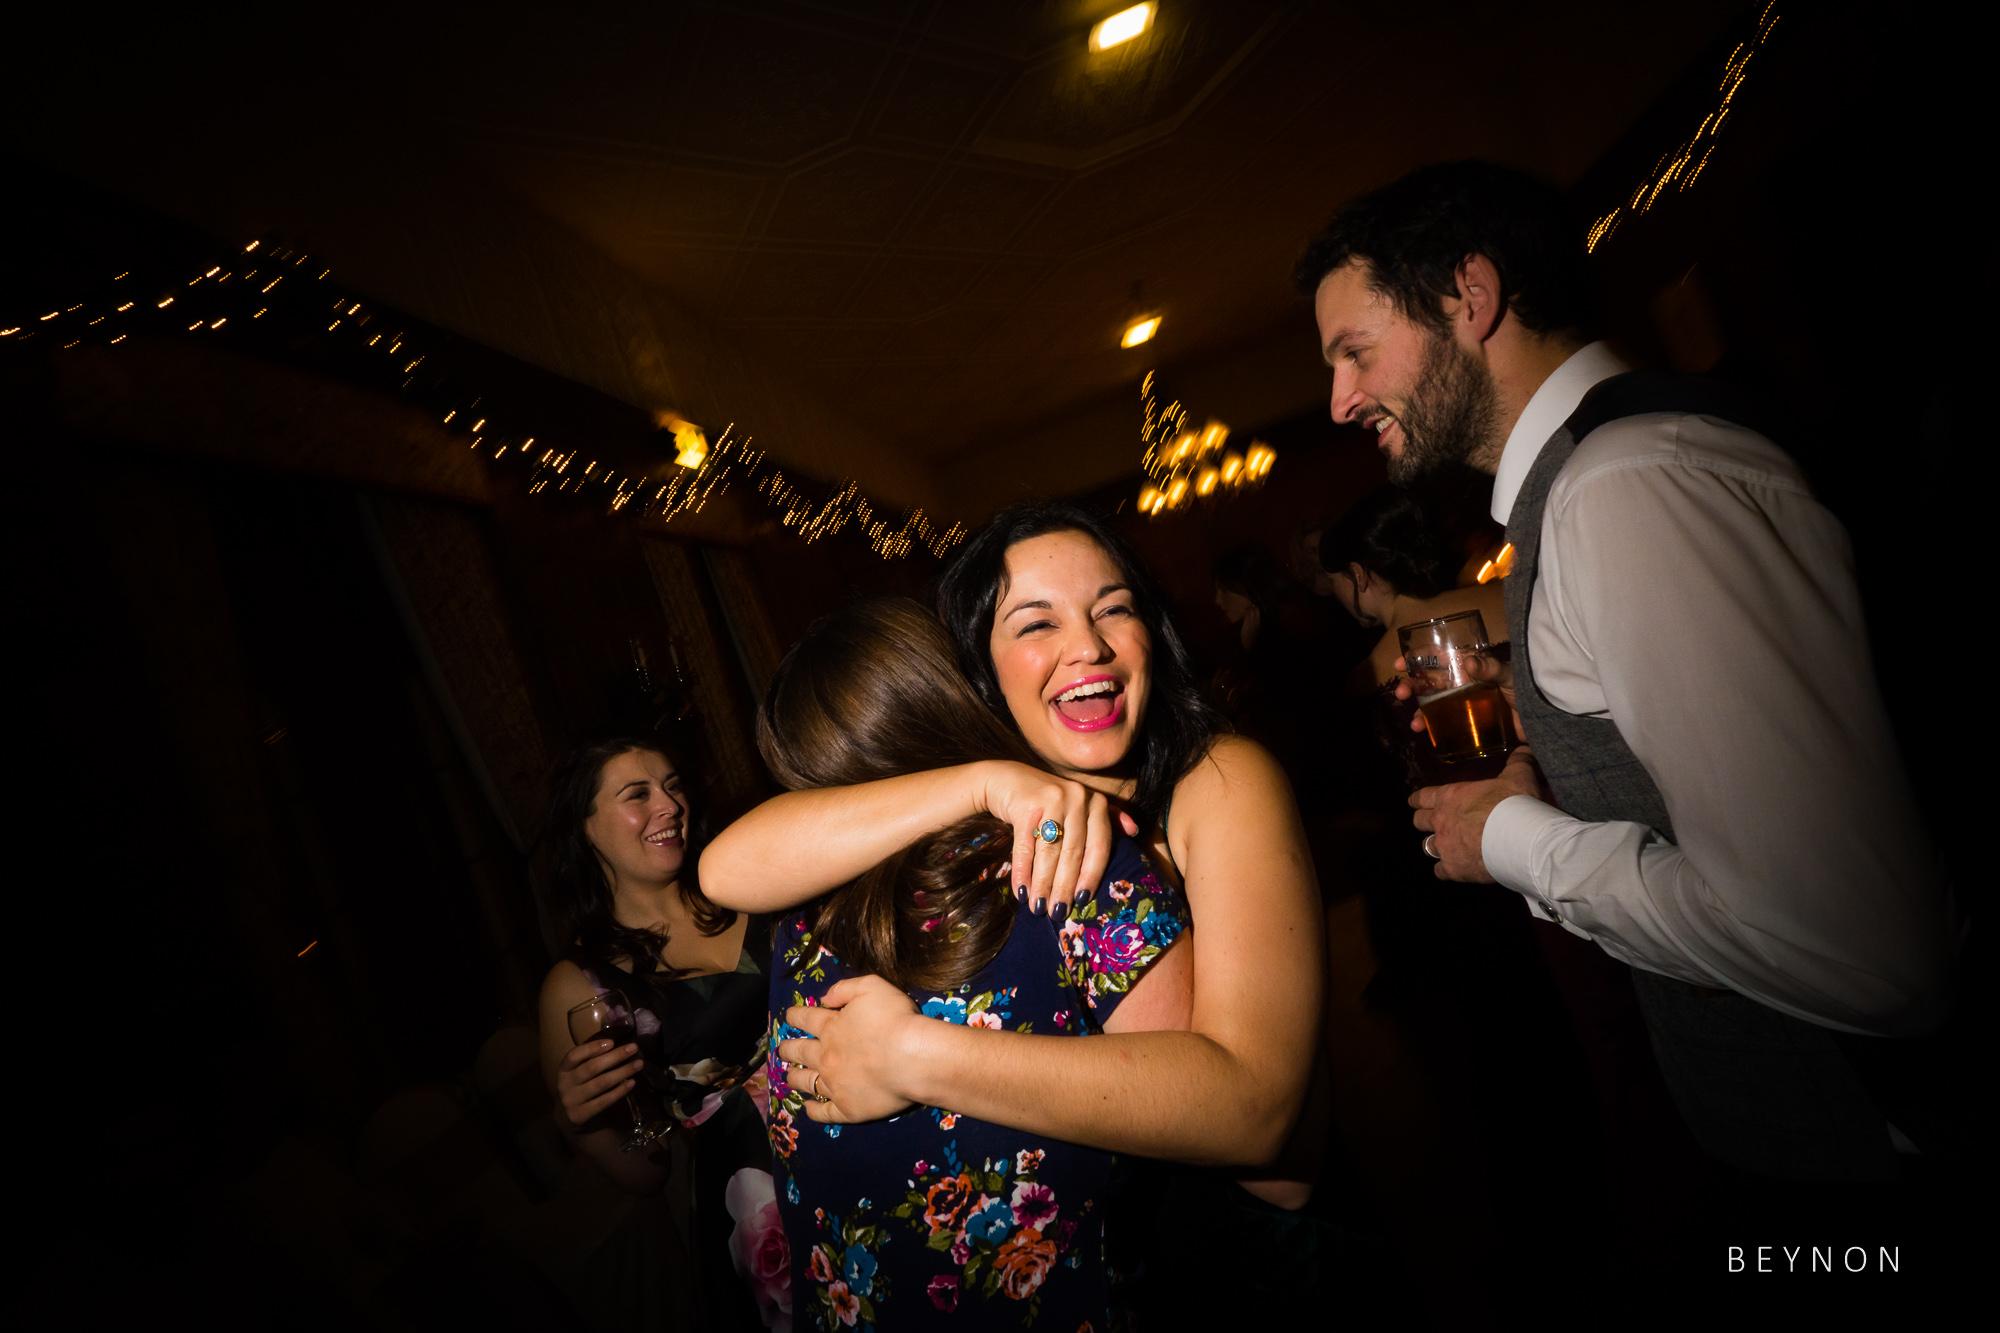 Guests hug on the dance floor